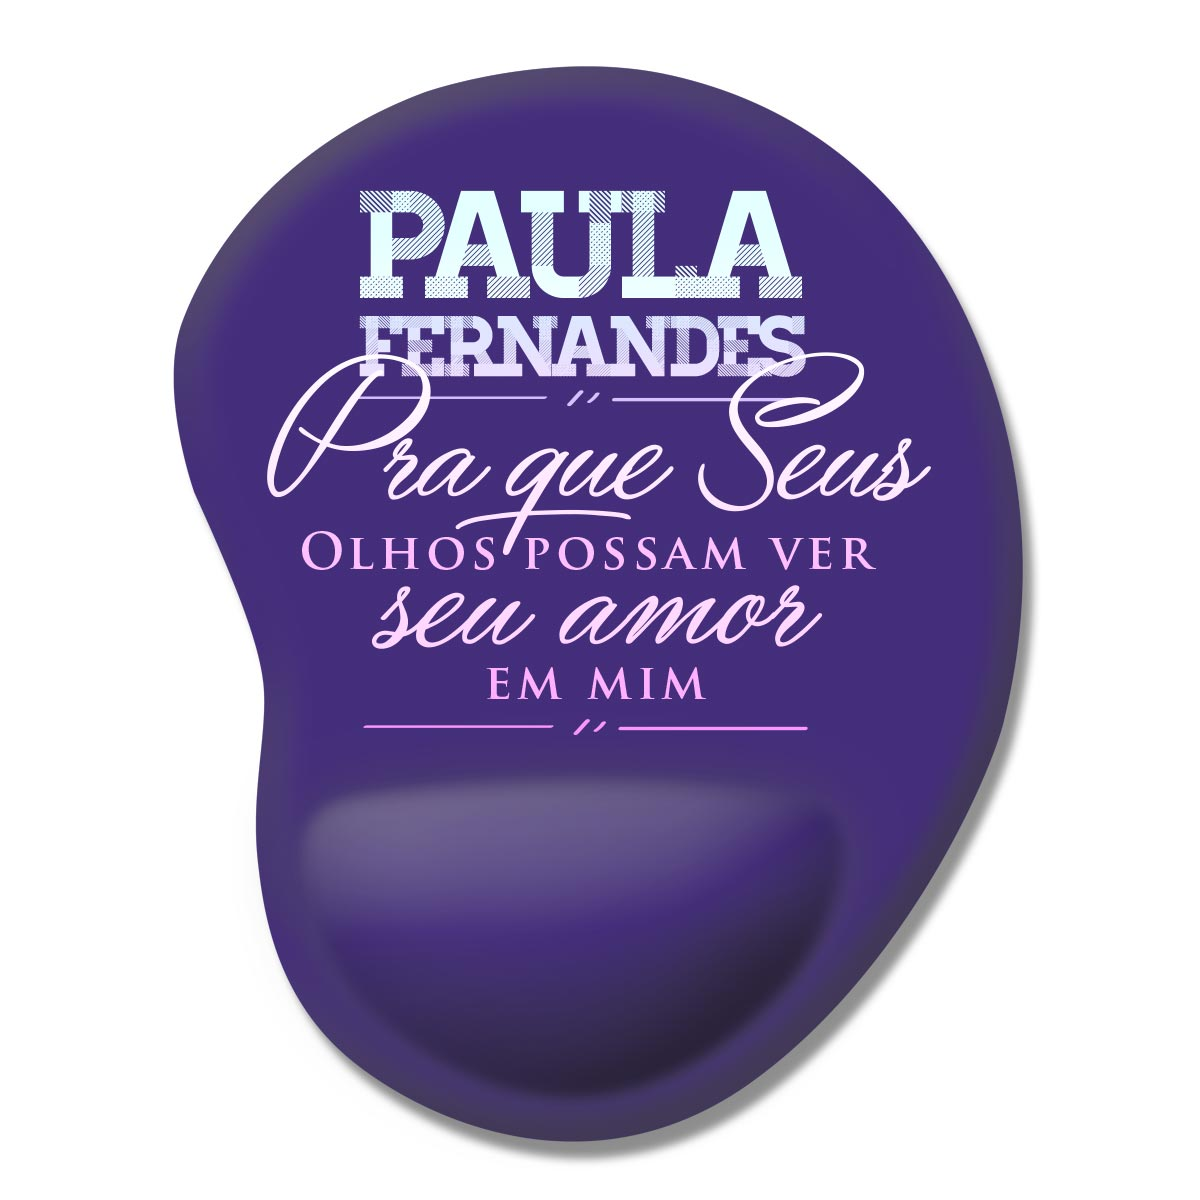 Mousepad Paula Fernandes Pra Que Seus Olhos Possam Ver